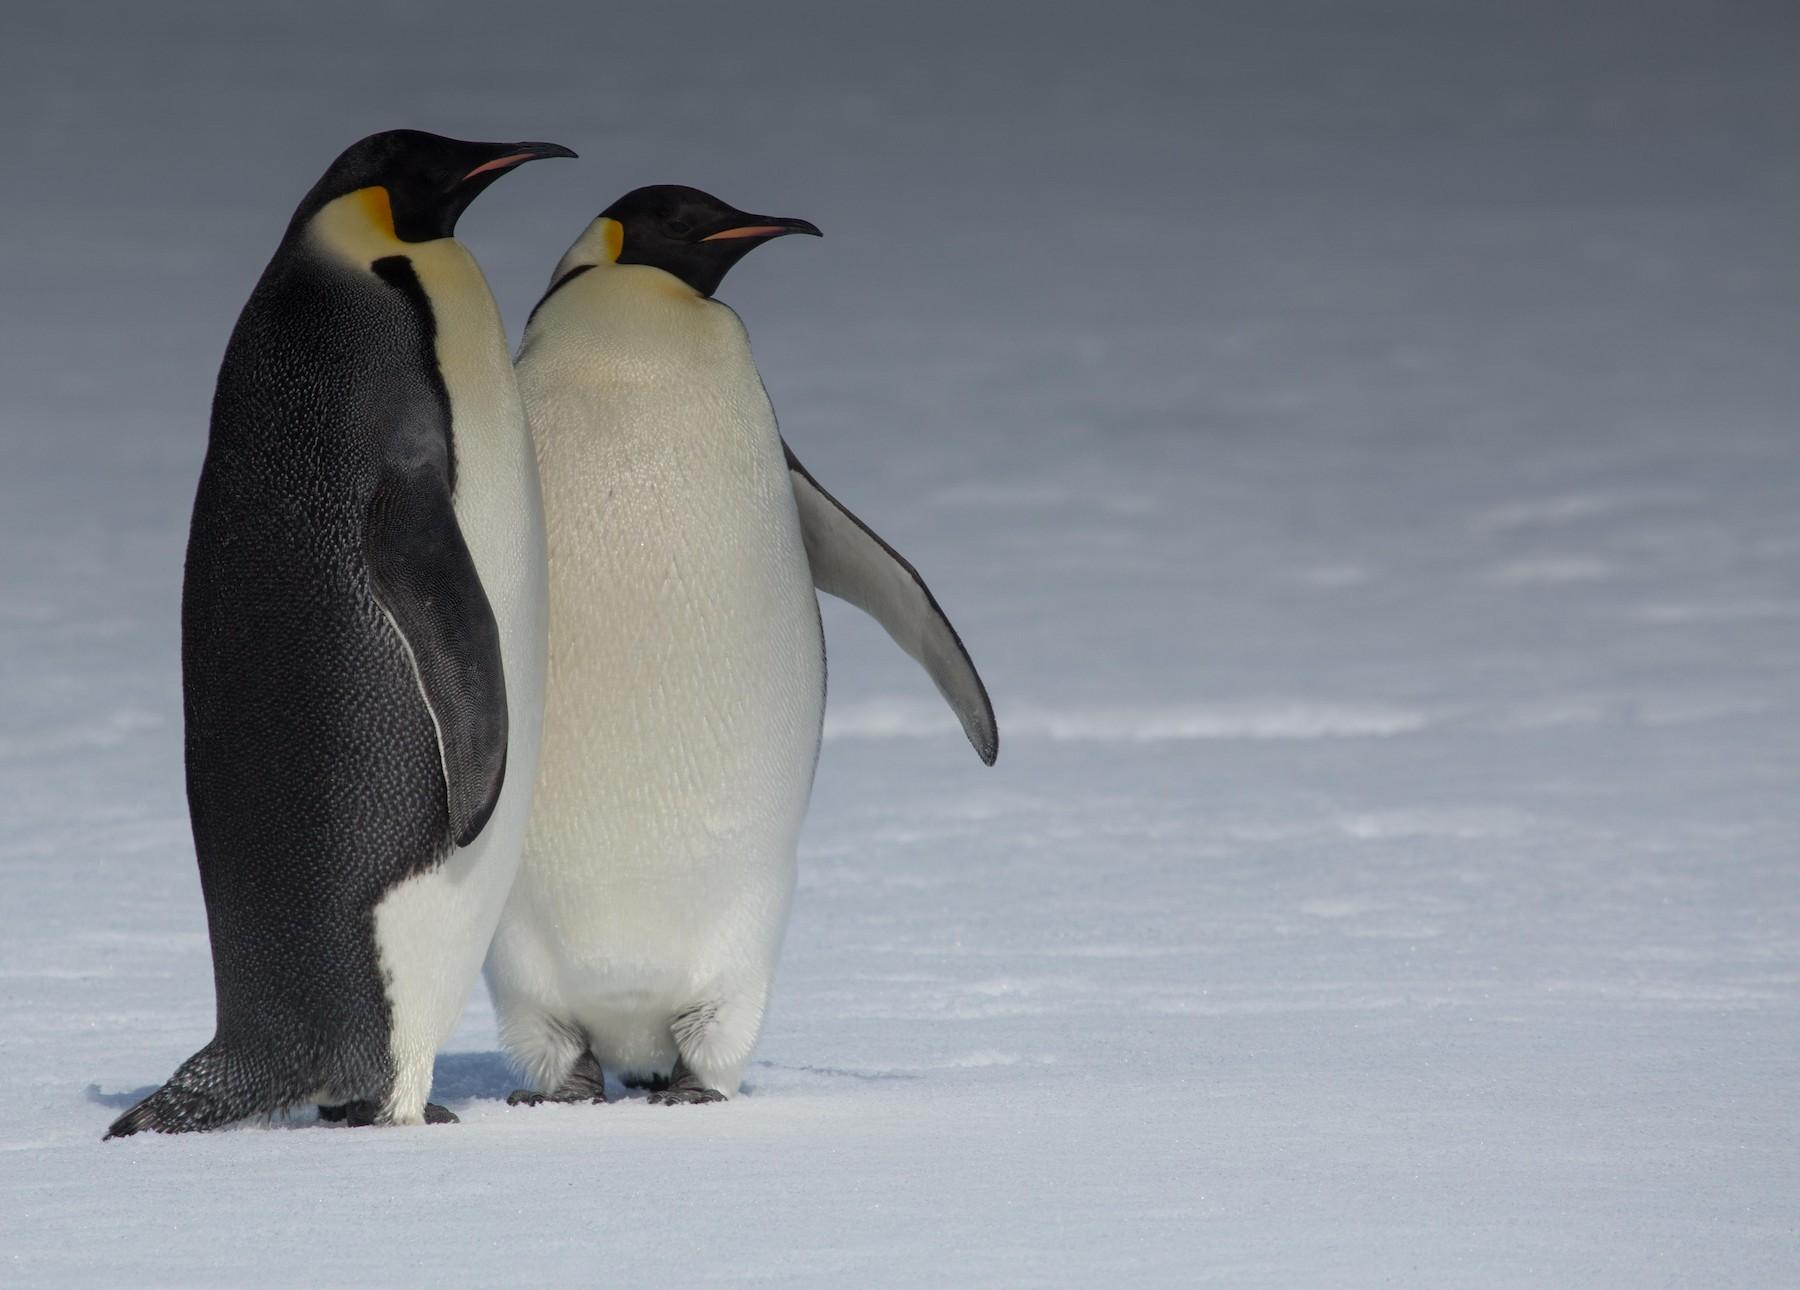 Emperor Penguin - Santiago Imberti